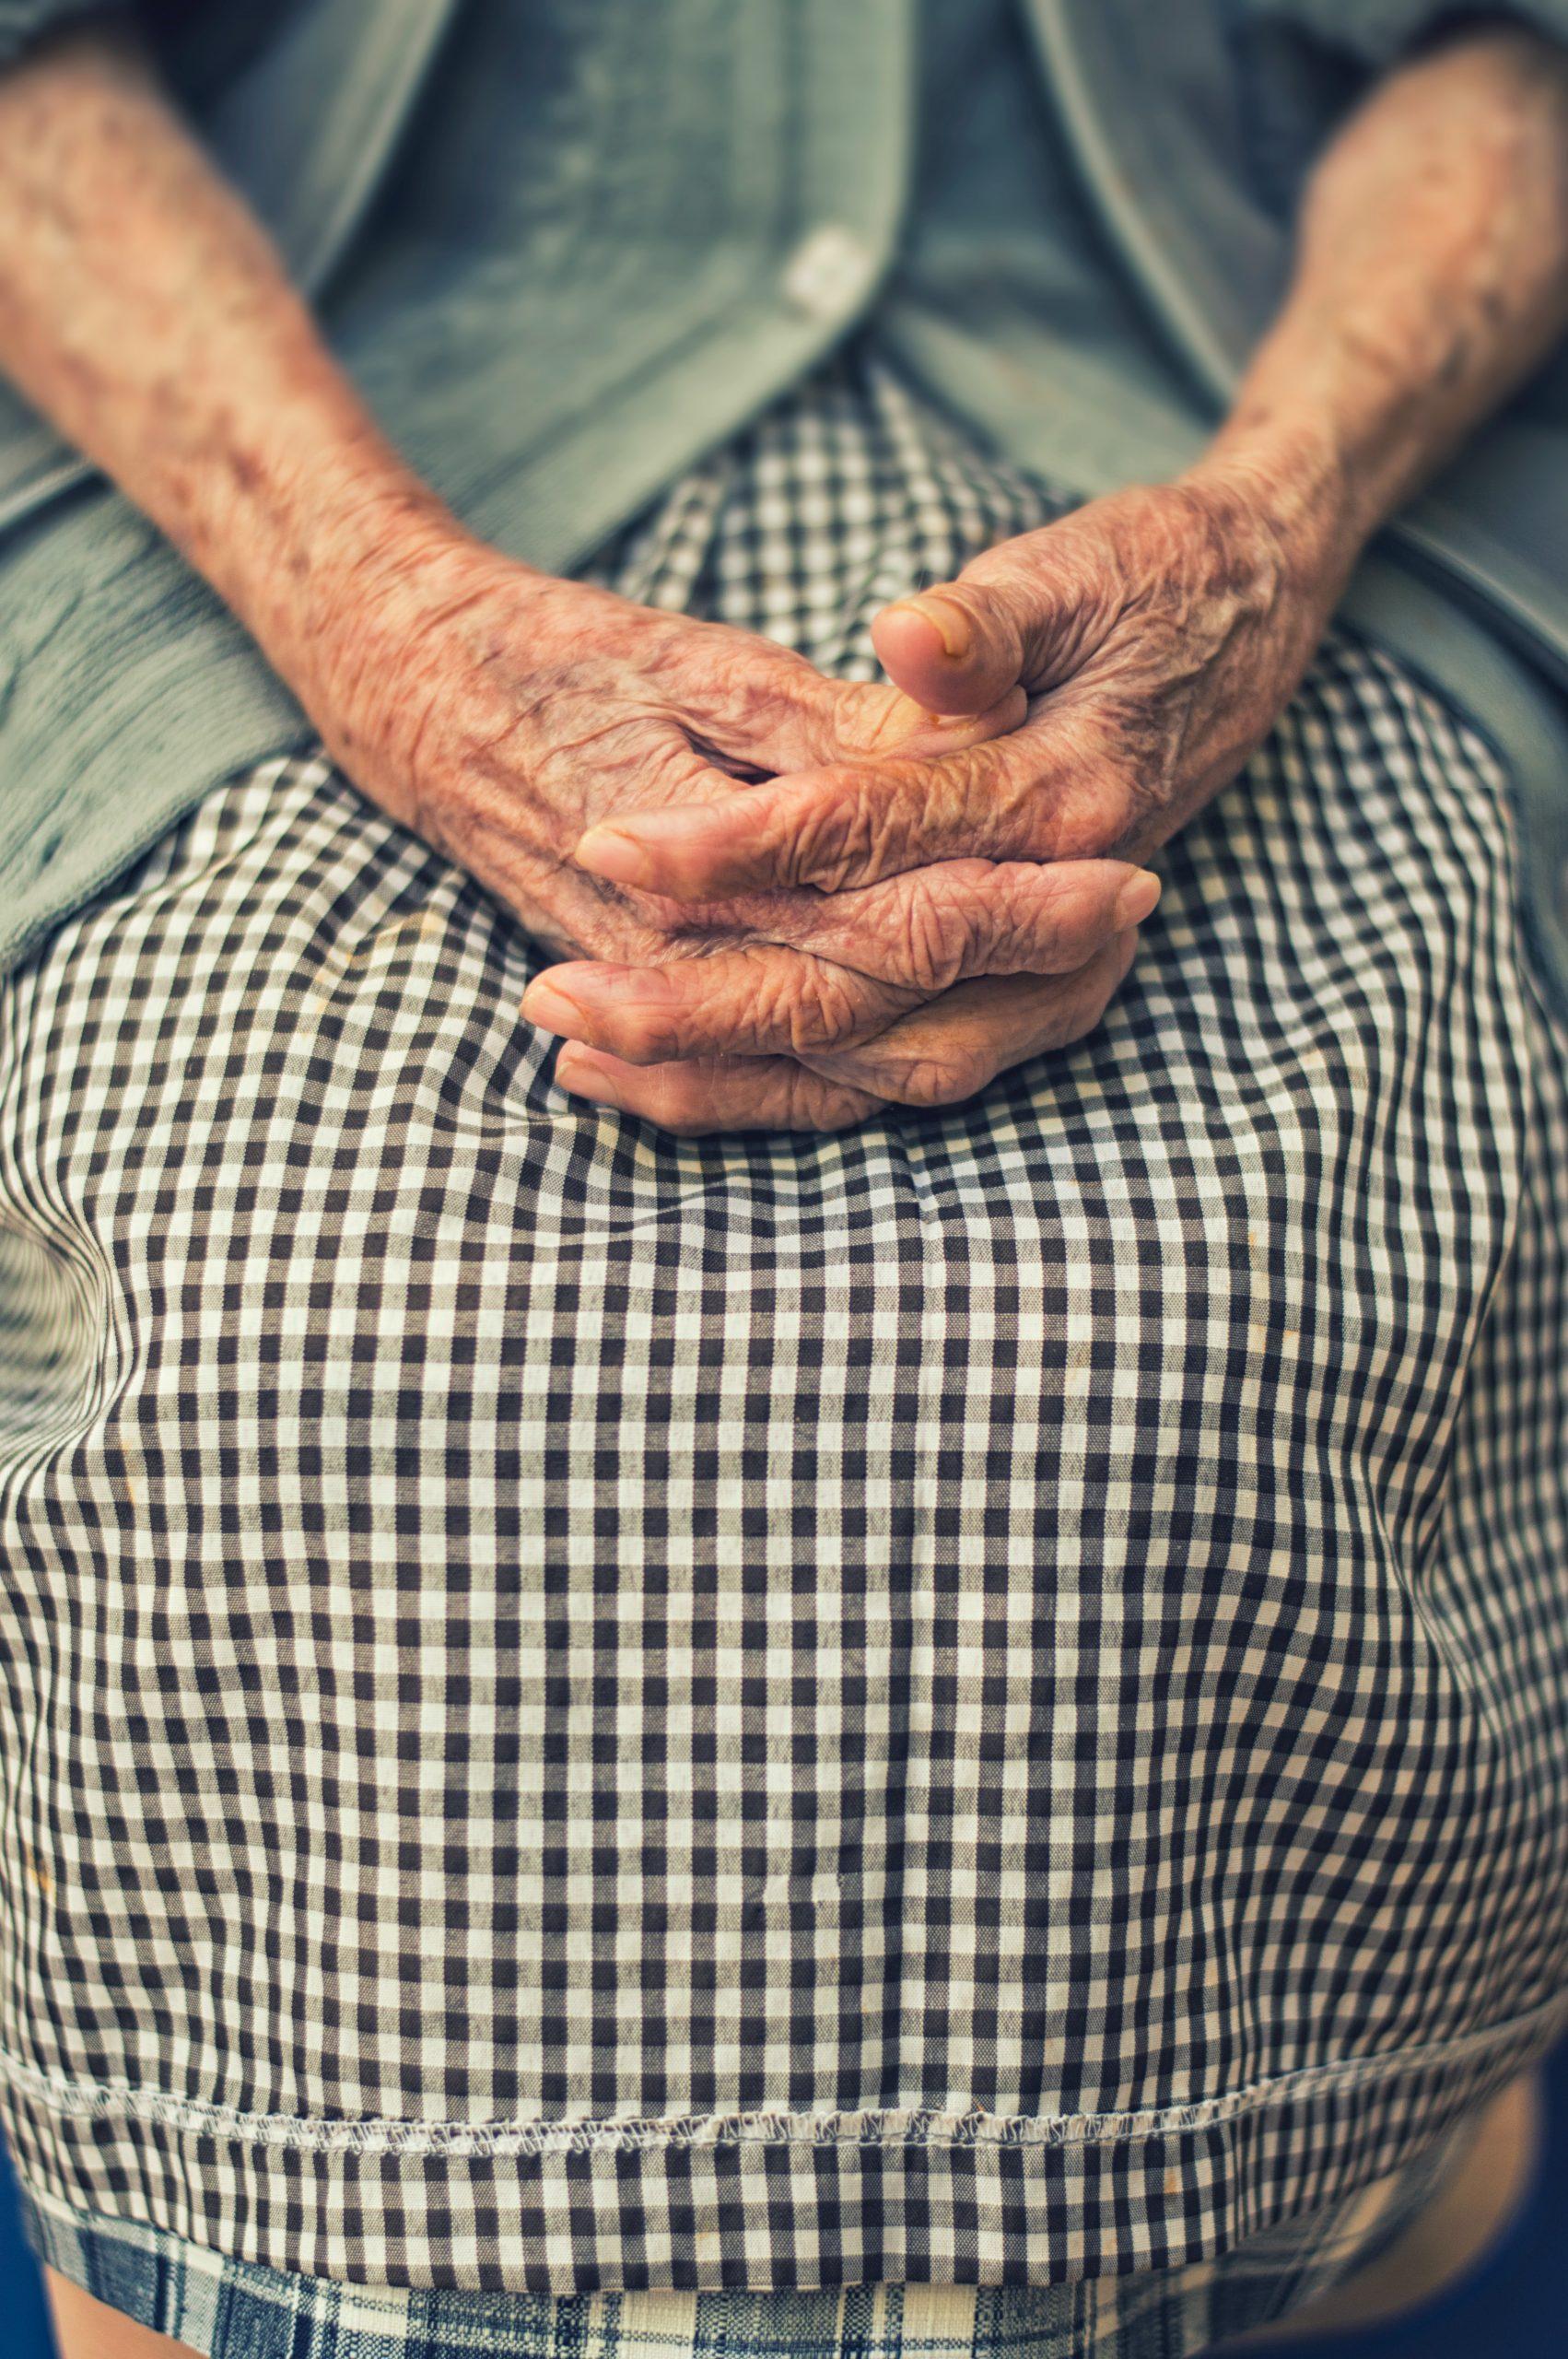 levensverwachting-gerelateerd-aan-de-oversterfte-tijdens-griepseizoen-–-viruswaarheid